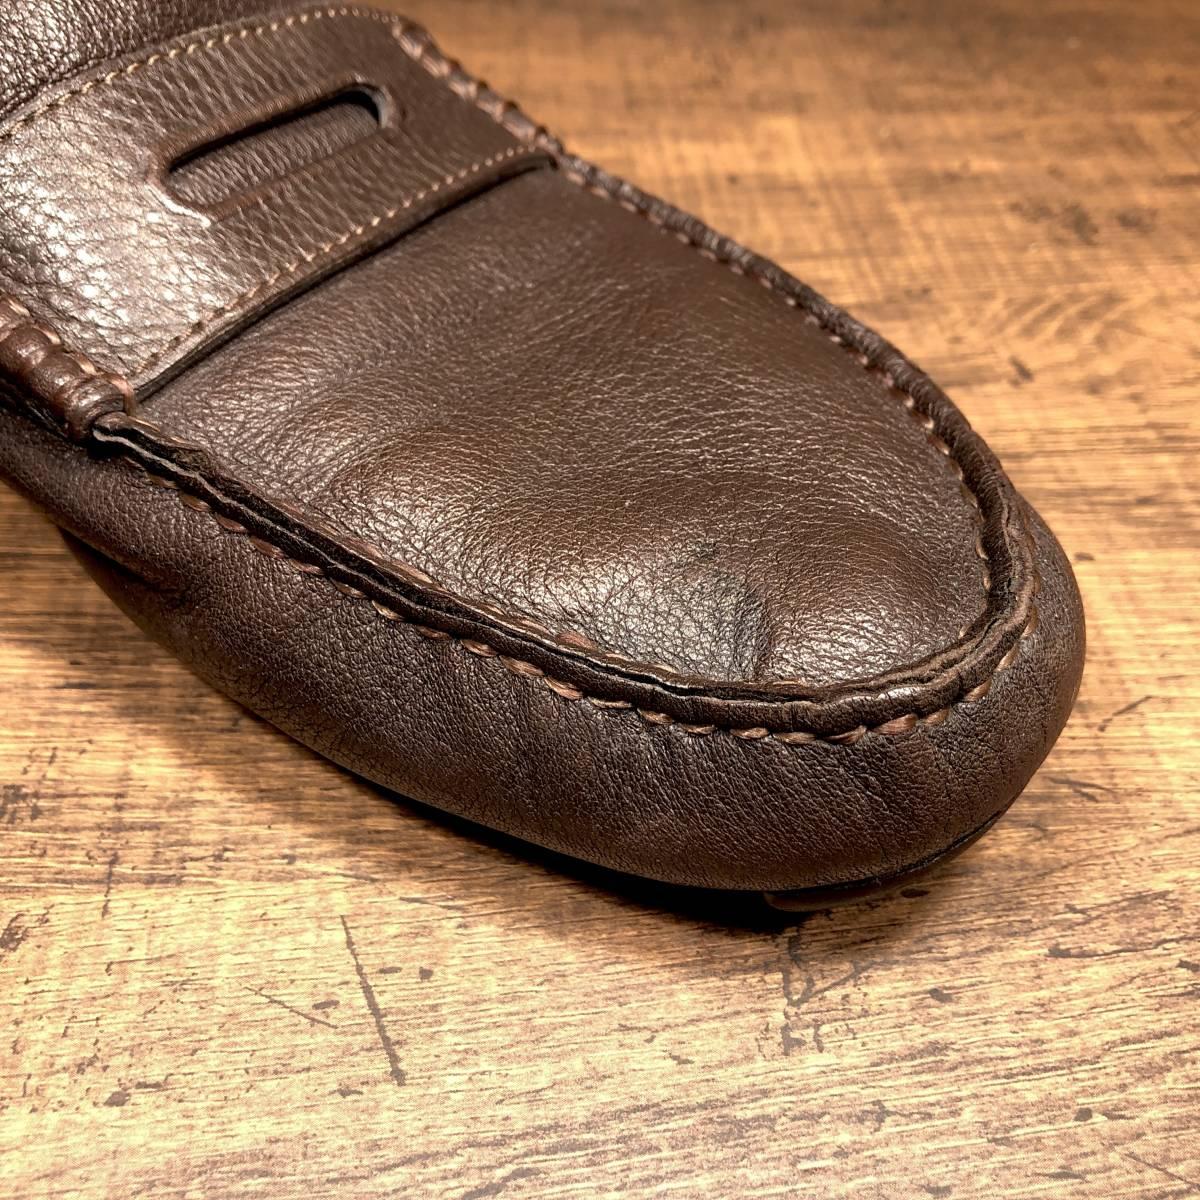 ■COACH■ 26cm 茶 ブラウン コーチ ドライビングシューズ コインローファー メンズ 革靴 靴 本革 ビジネス ドレス くつ 即決_画像7